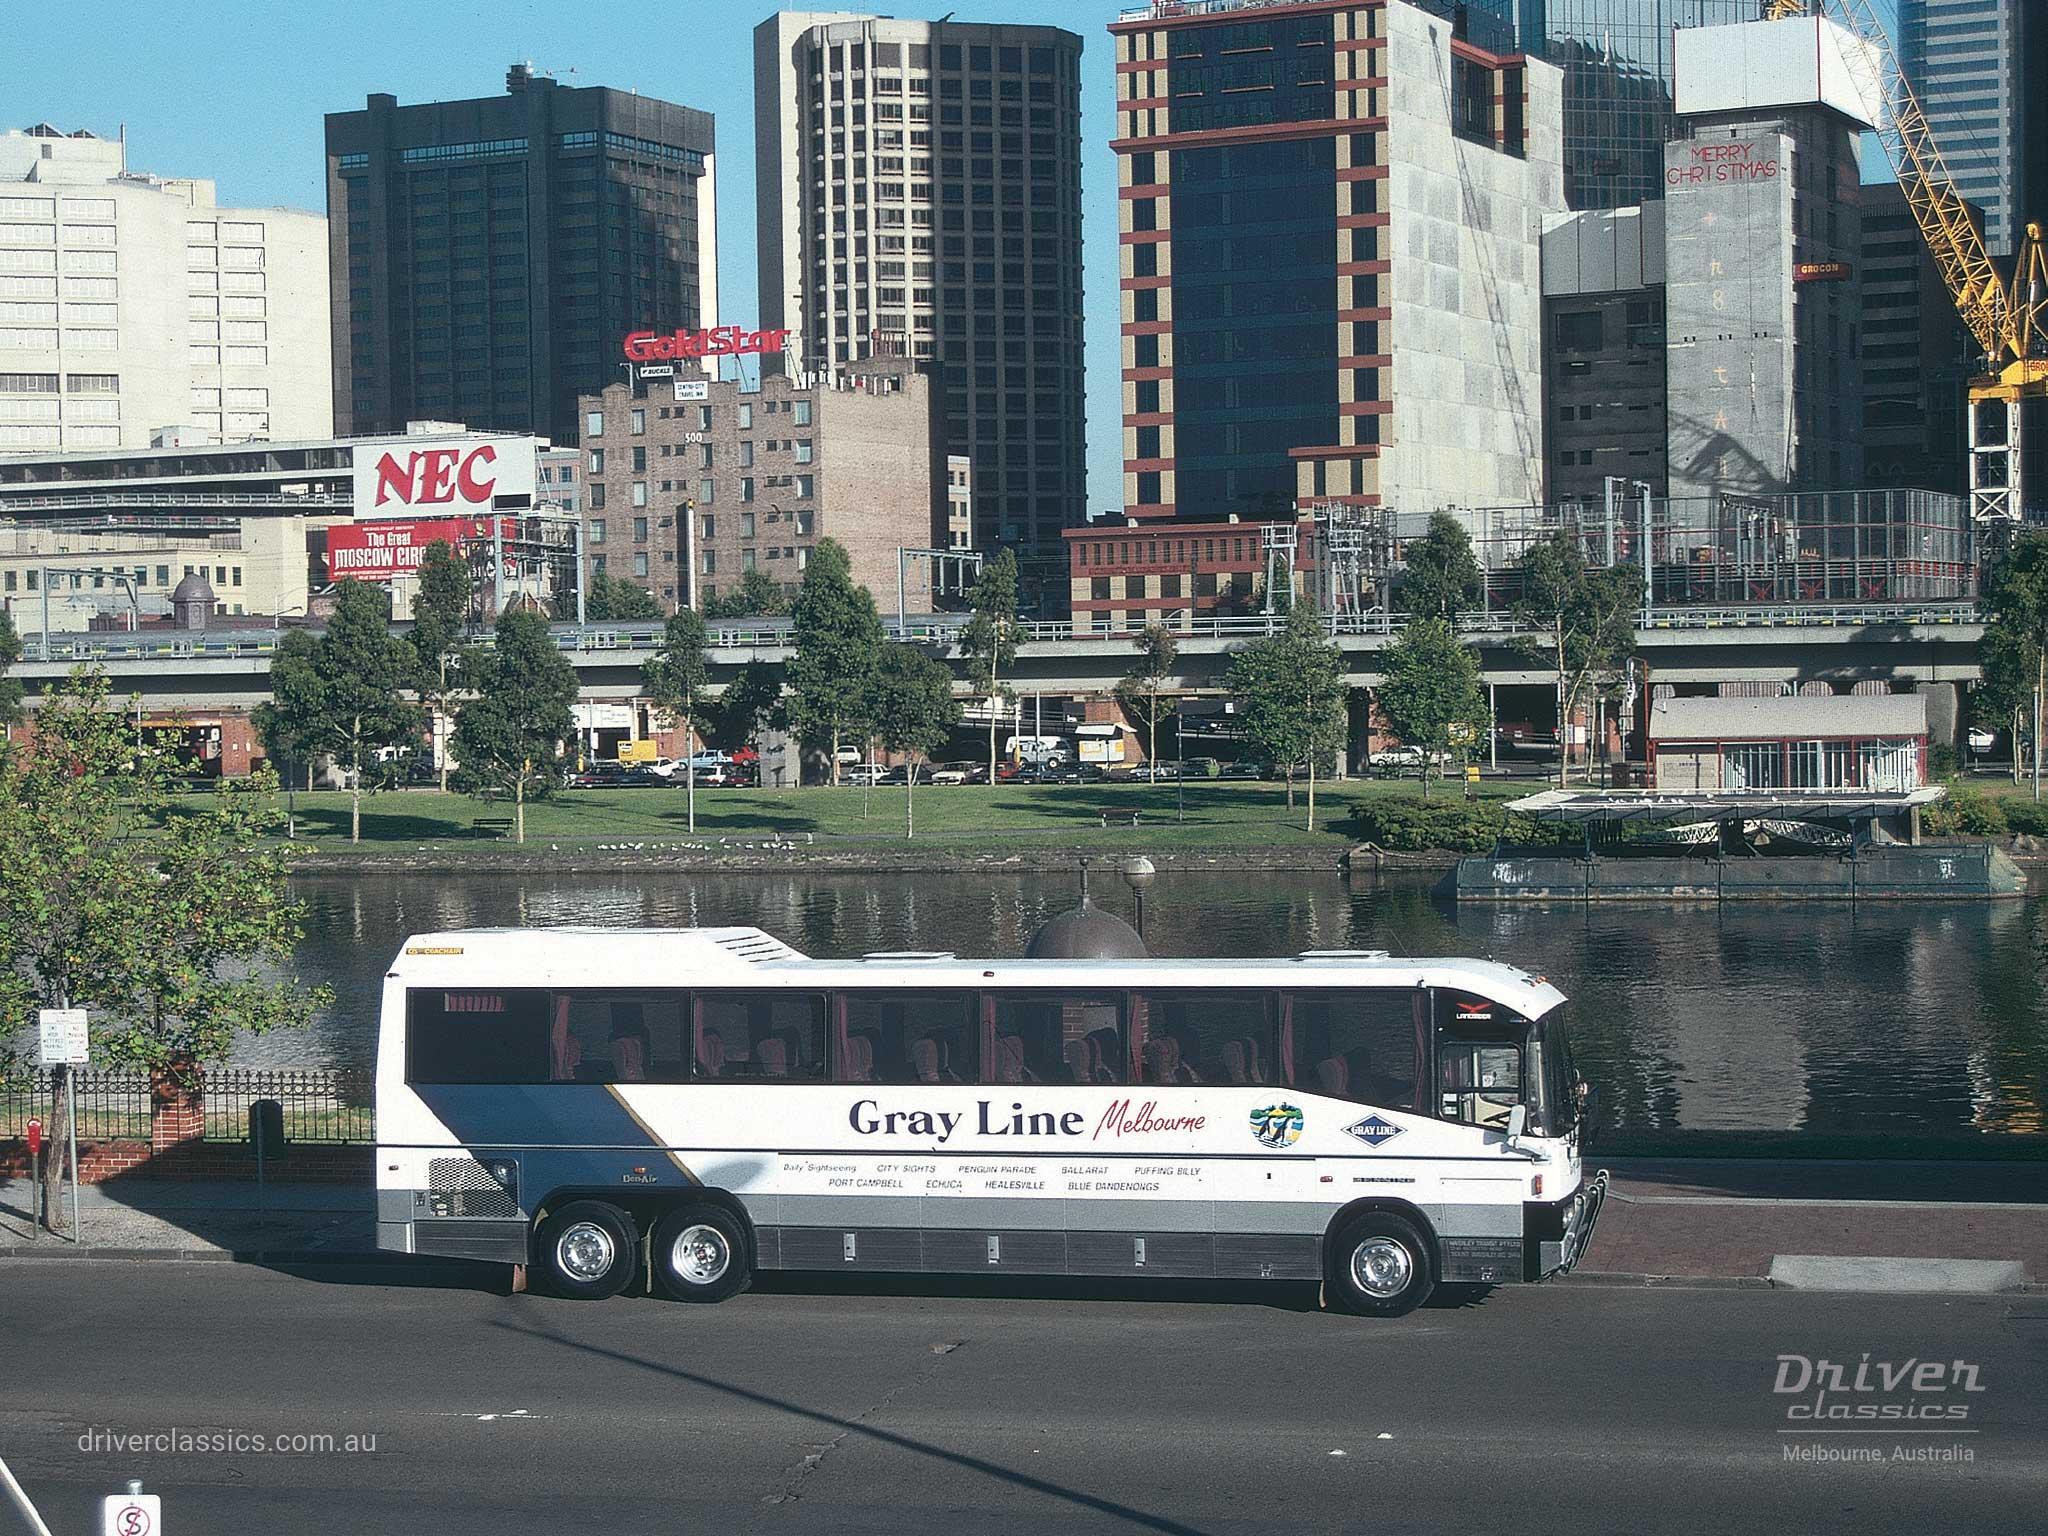 Denning Landseer bus, 1988 version, side profile, beside Yarra River in Melbourne city VIC, Photo taken 1993